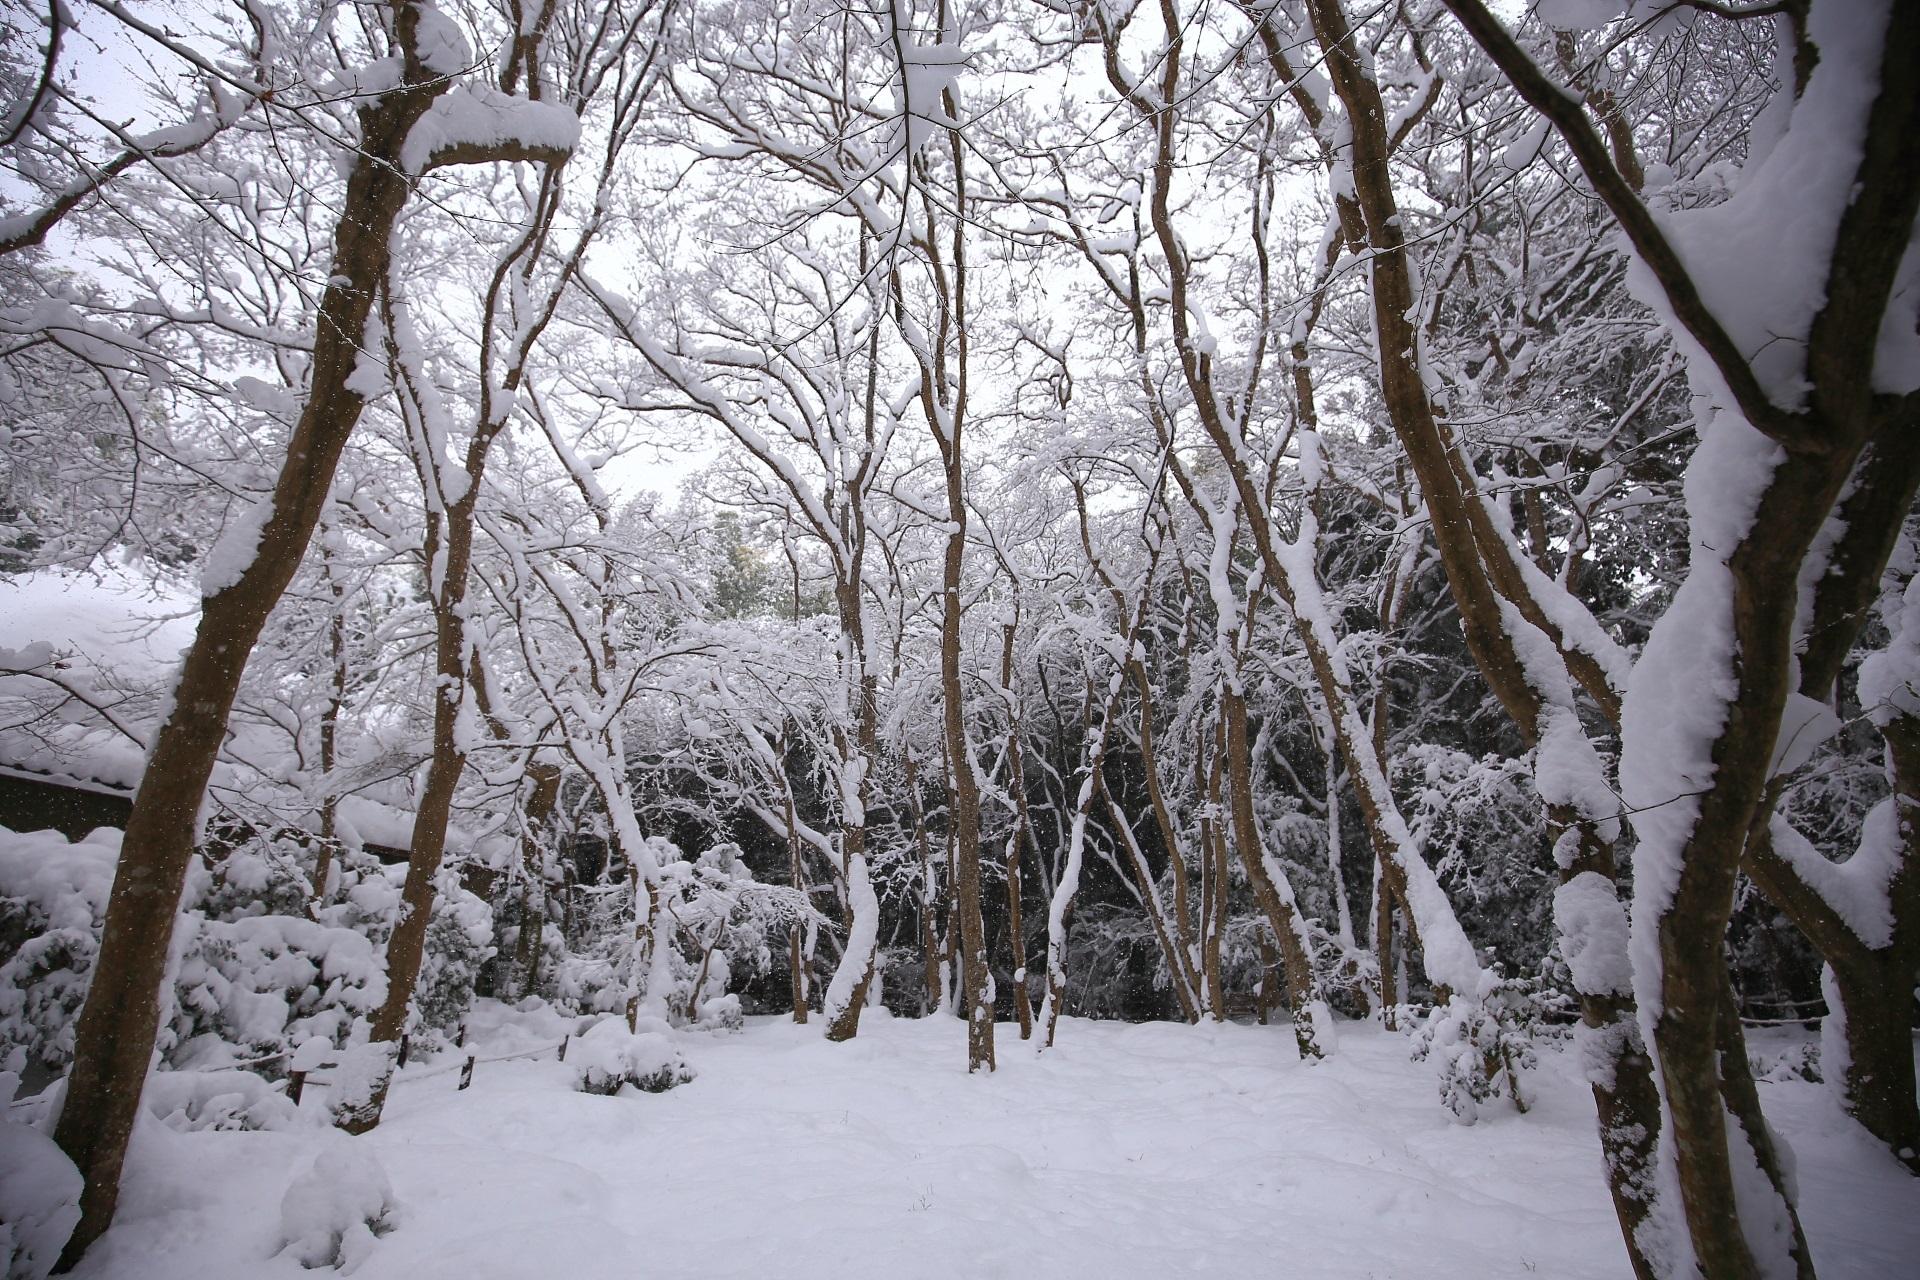 もみじの枝に雪がびっしり積もった祇王寺